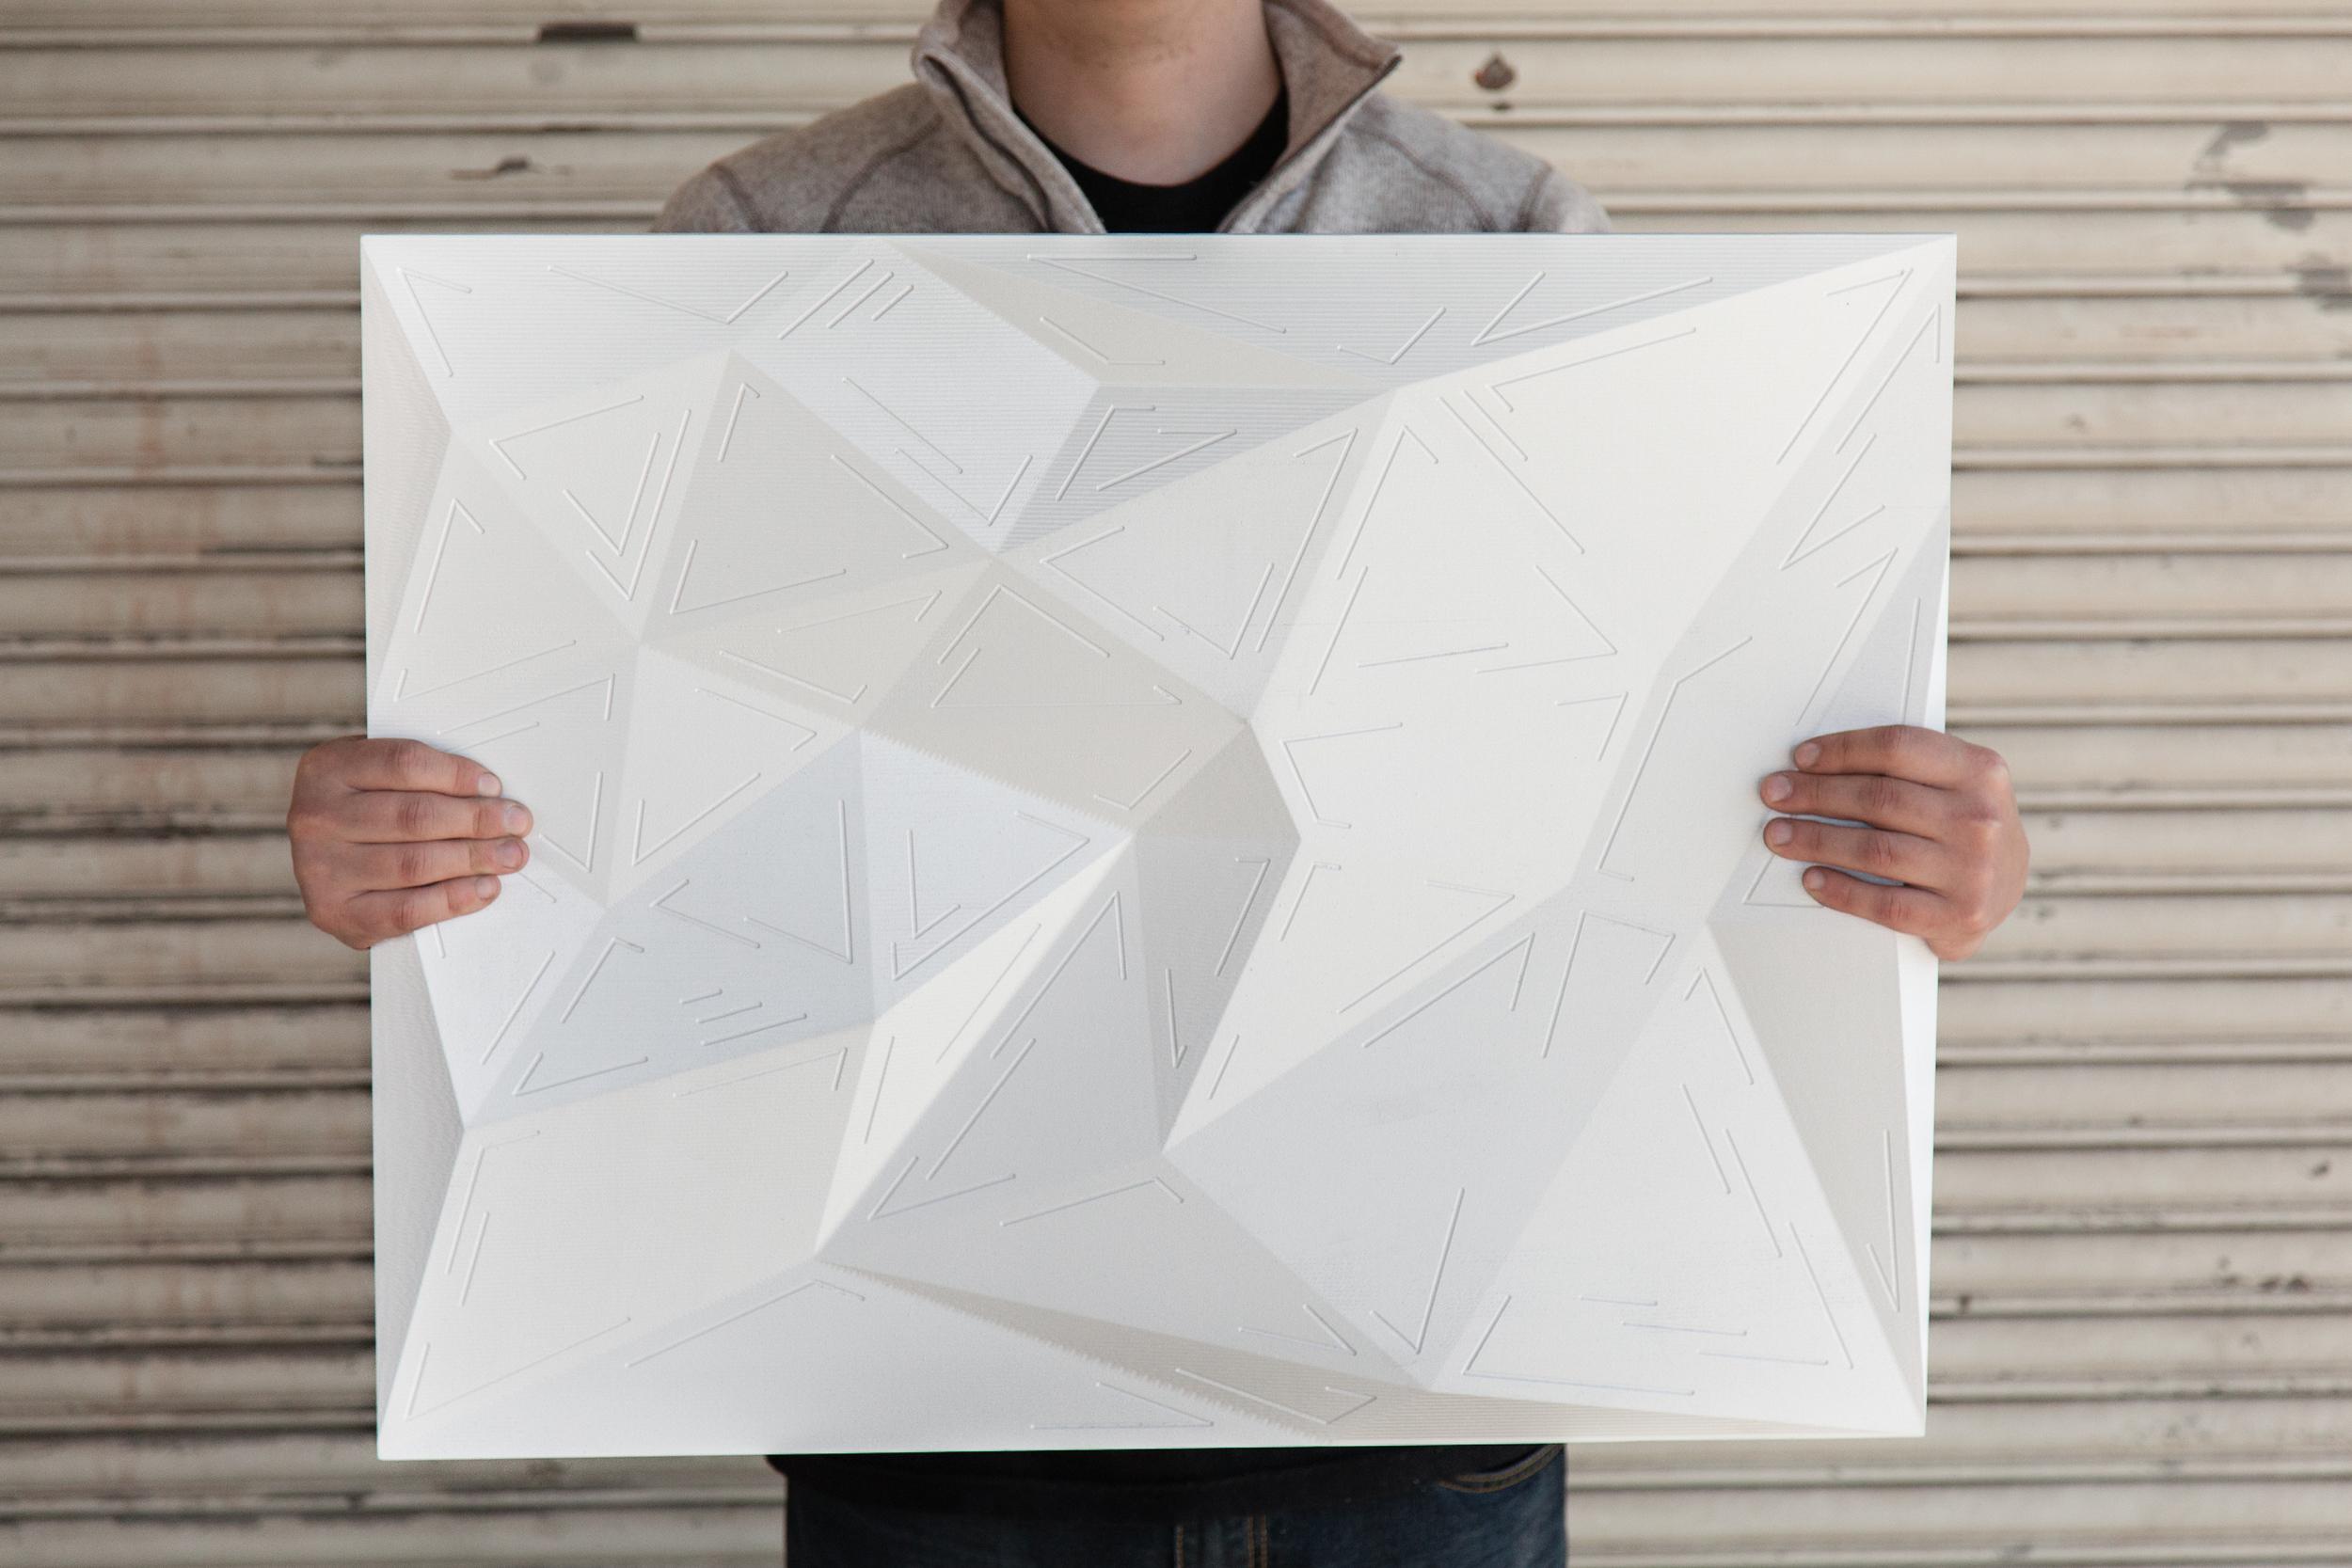 Asteriskos-Design-Mill-Art-GenerativeSimulations-Modern1.jpg